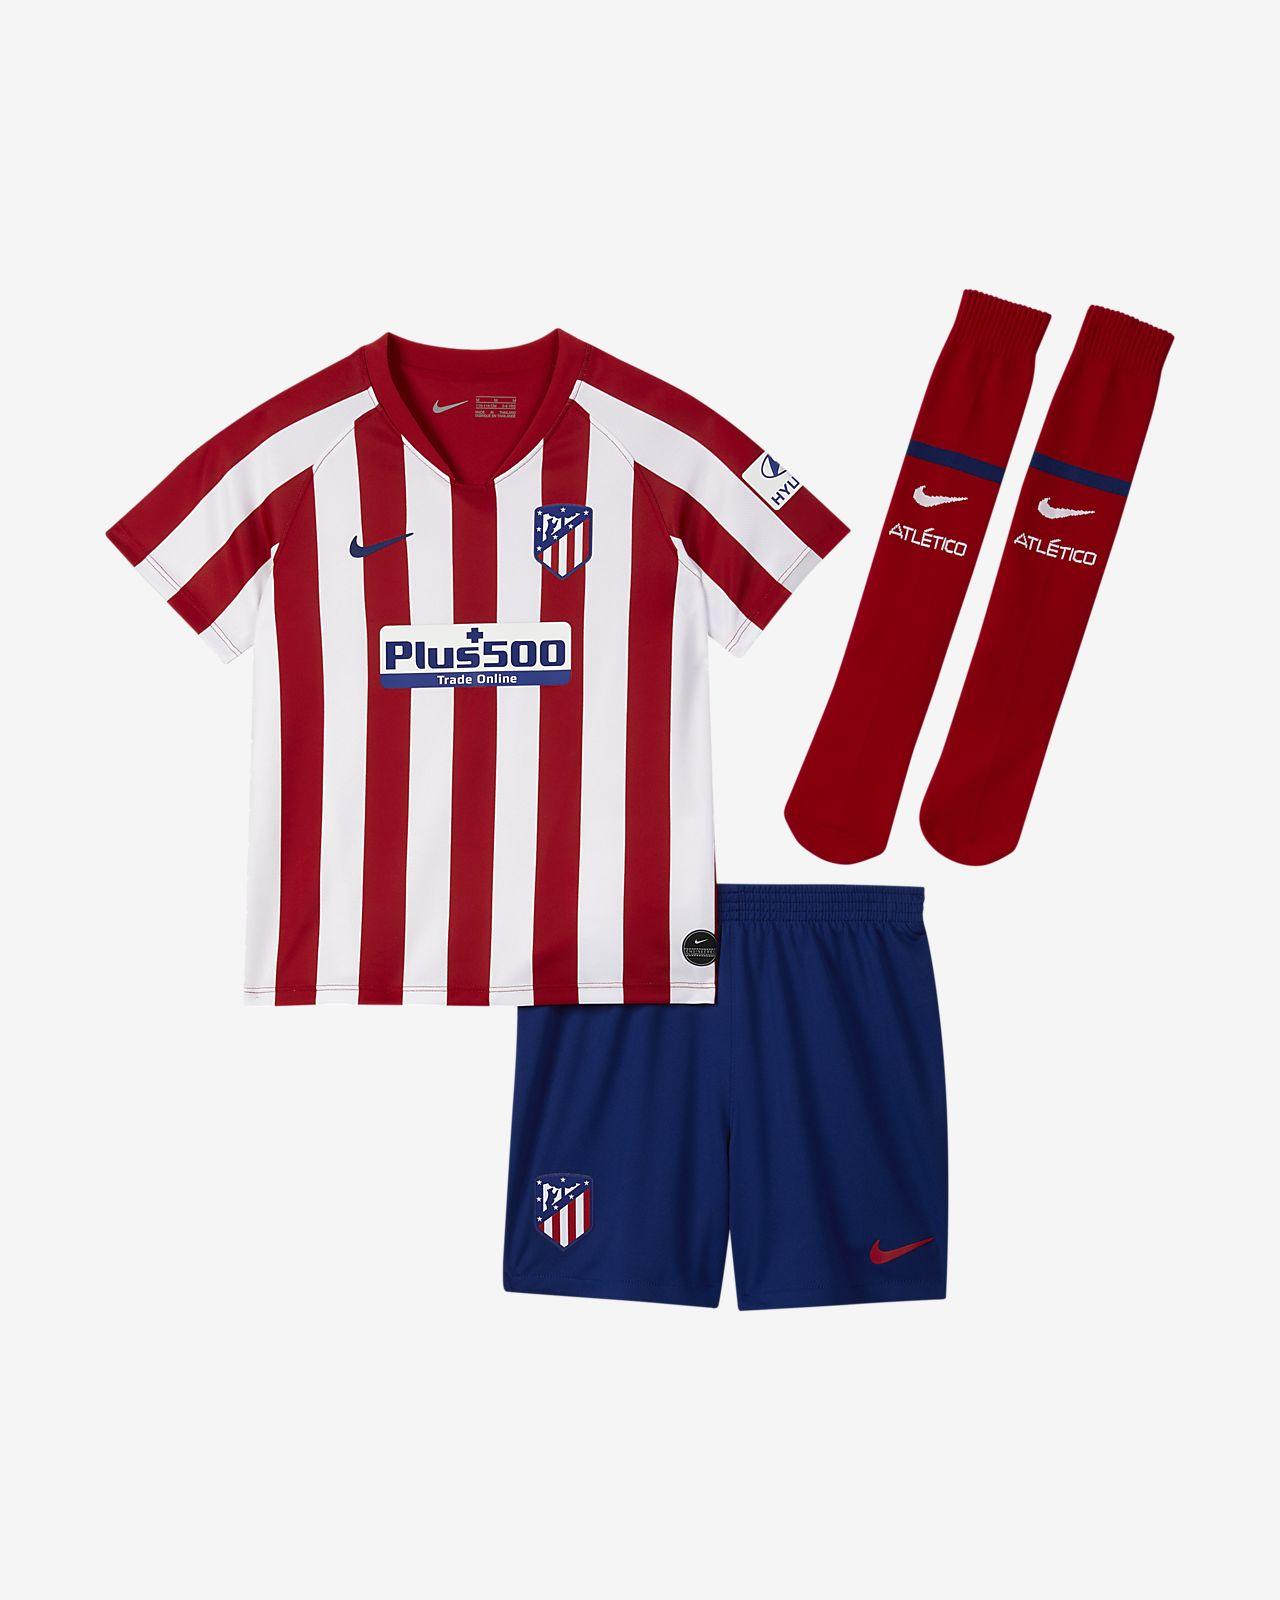 Kit de fútbol de local para niños talla pequeña del Atlético de Madrid 2019/20